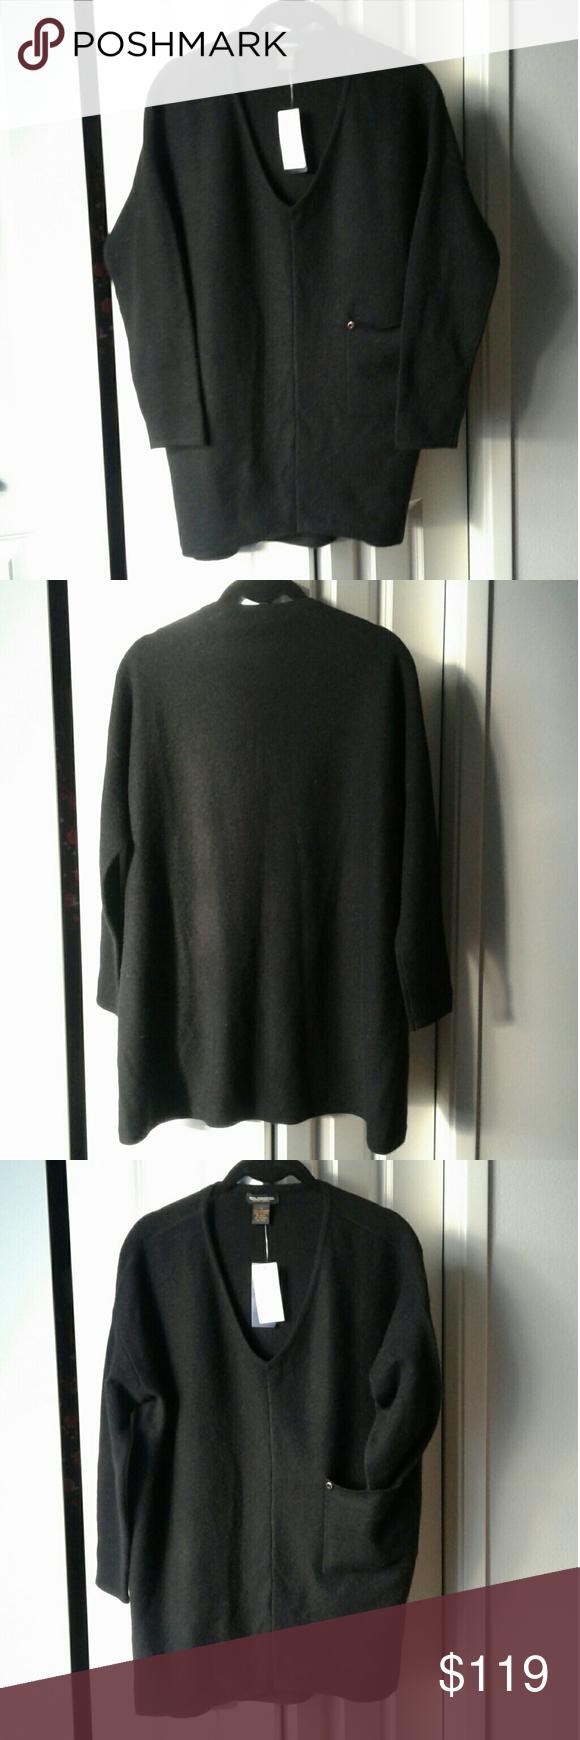 ⬇$119 100% Cashmere Black V-neck Sweater w/ Pocket | Solid black ...